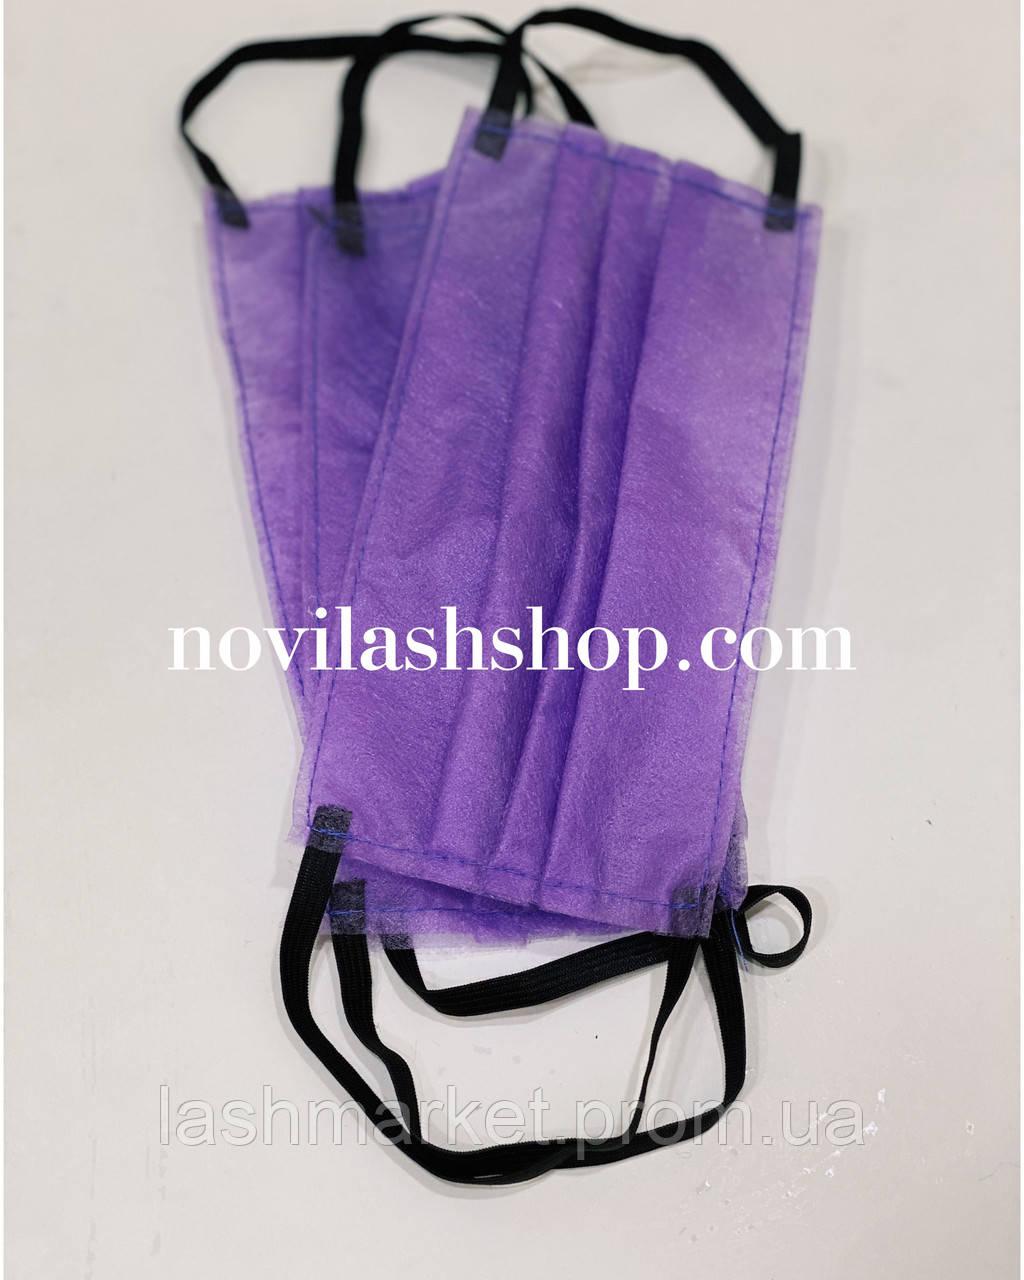 Маска защитная одноразовая для лица (спанбонд) на резинке.